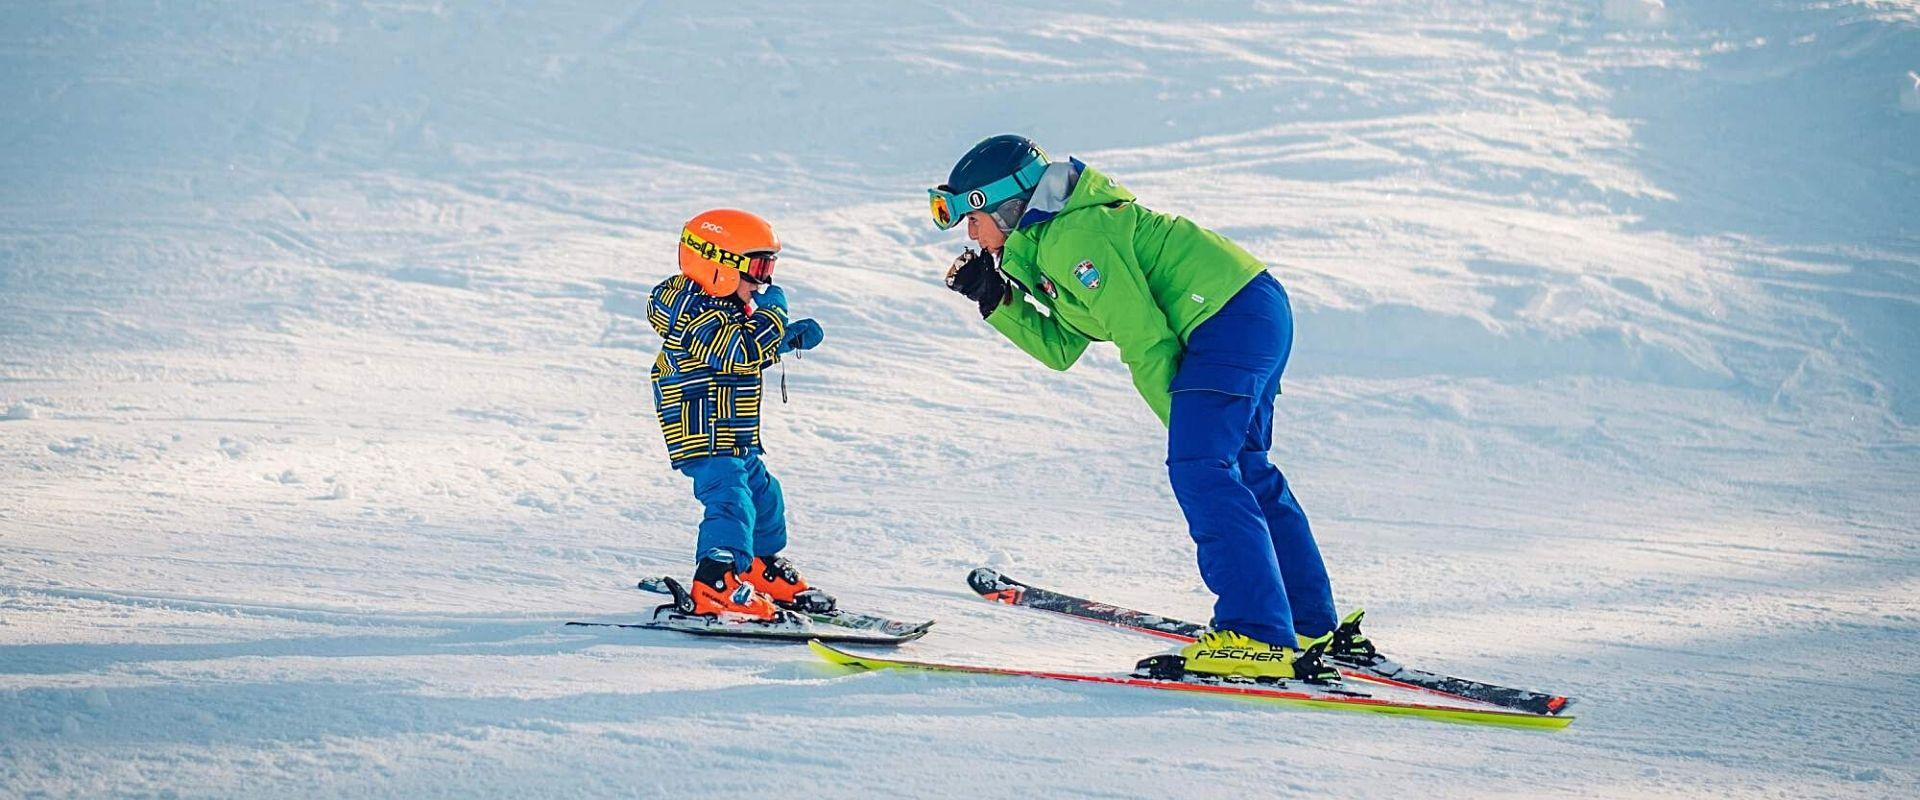 Lezioni e corsi di sci per bambini a Bardonecchia